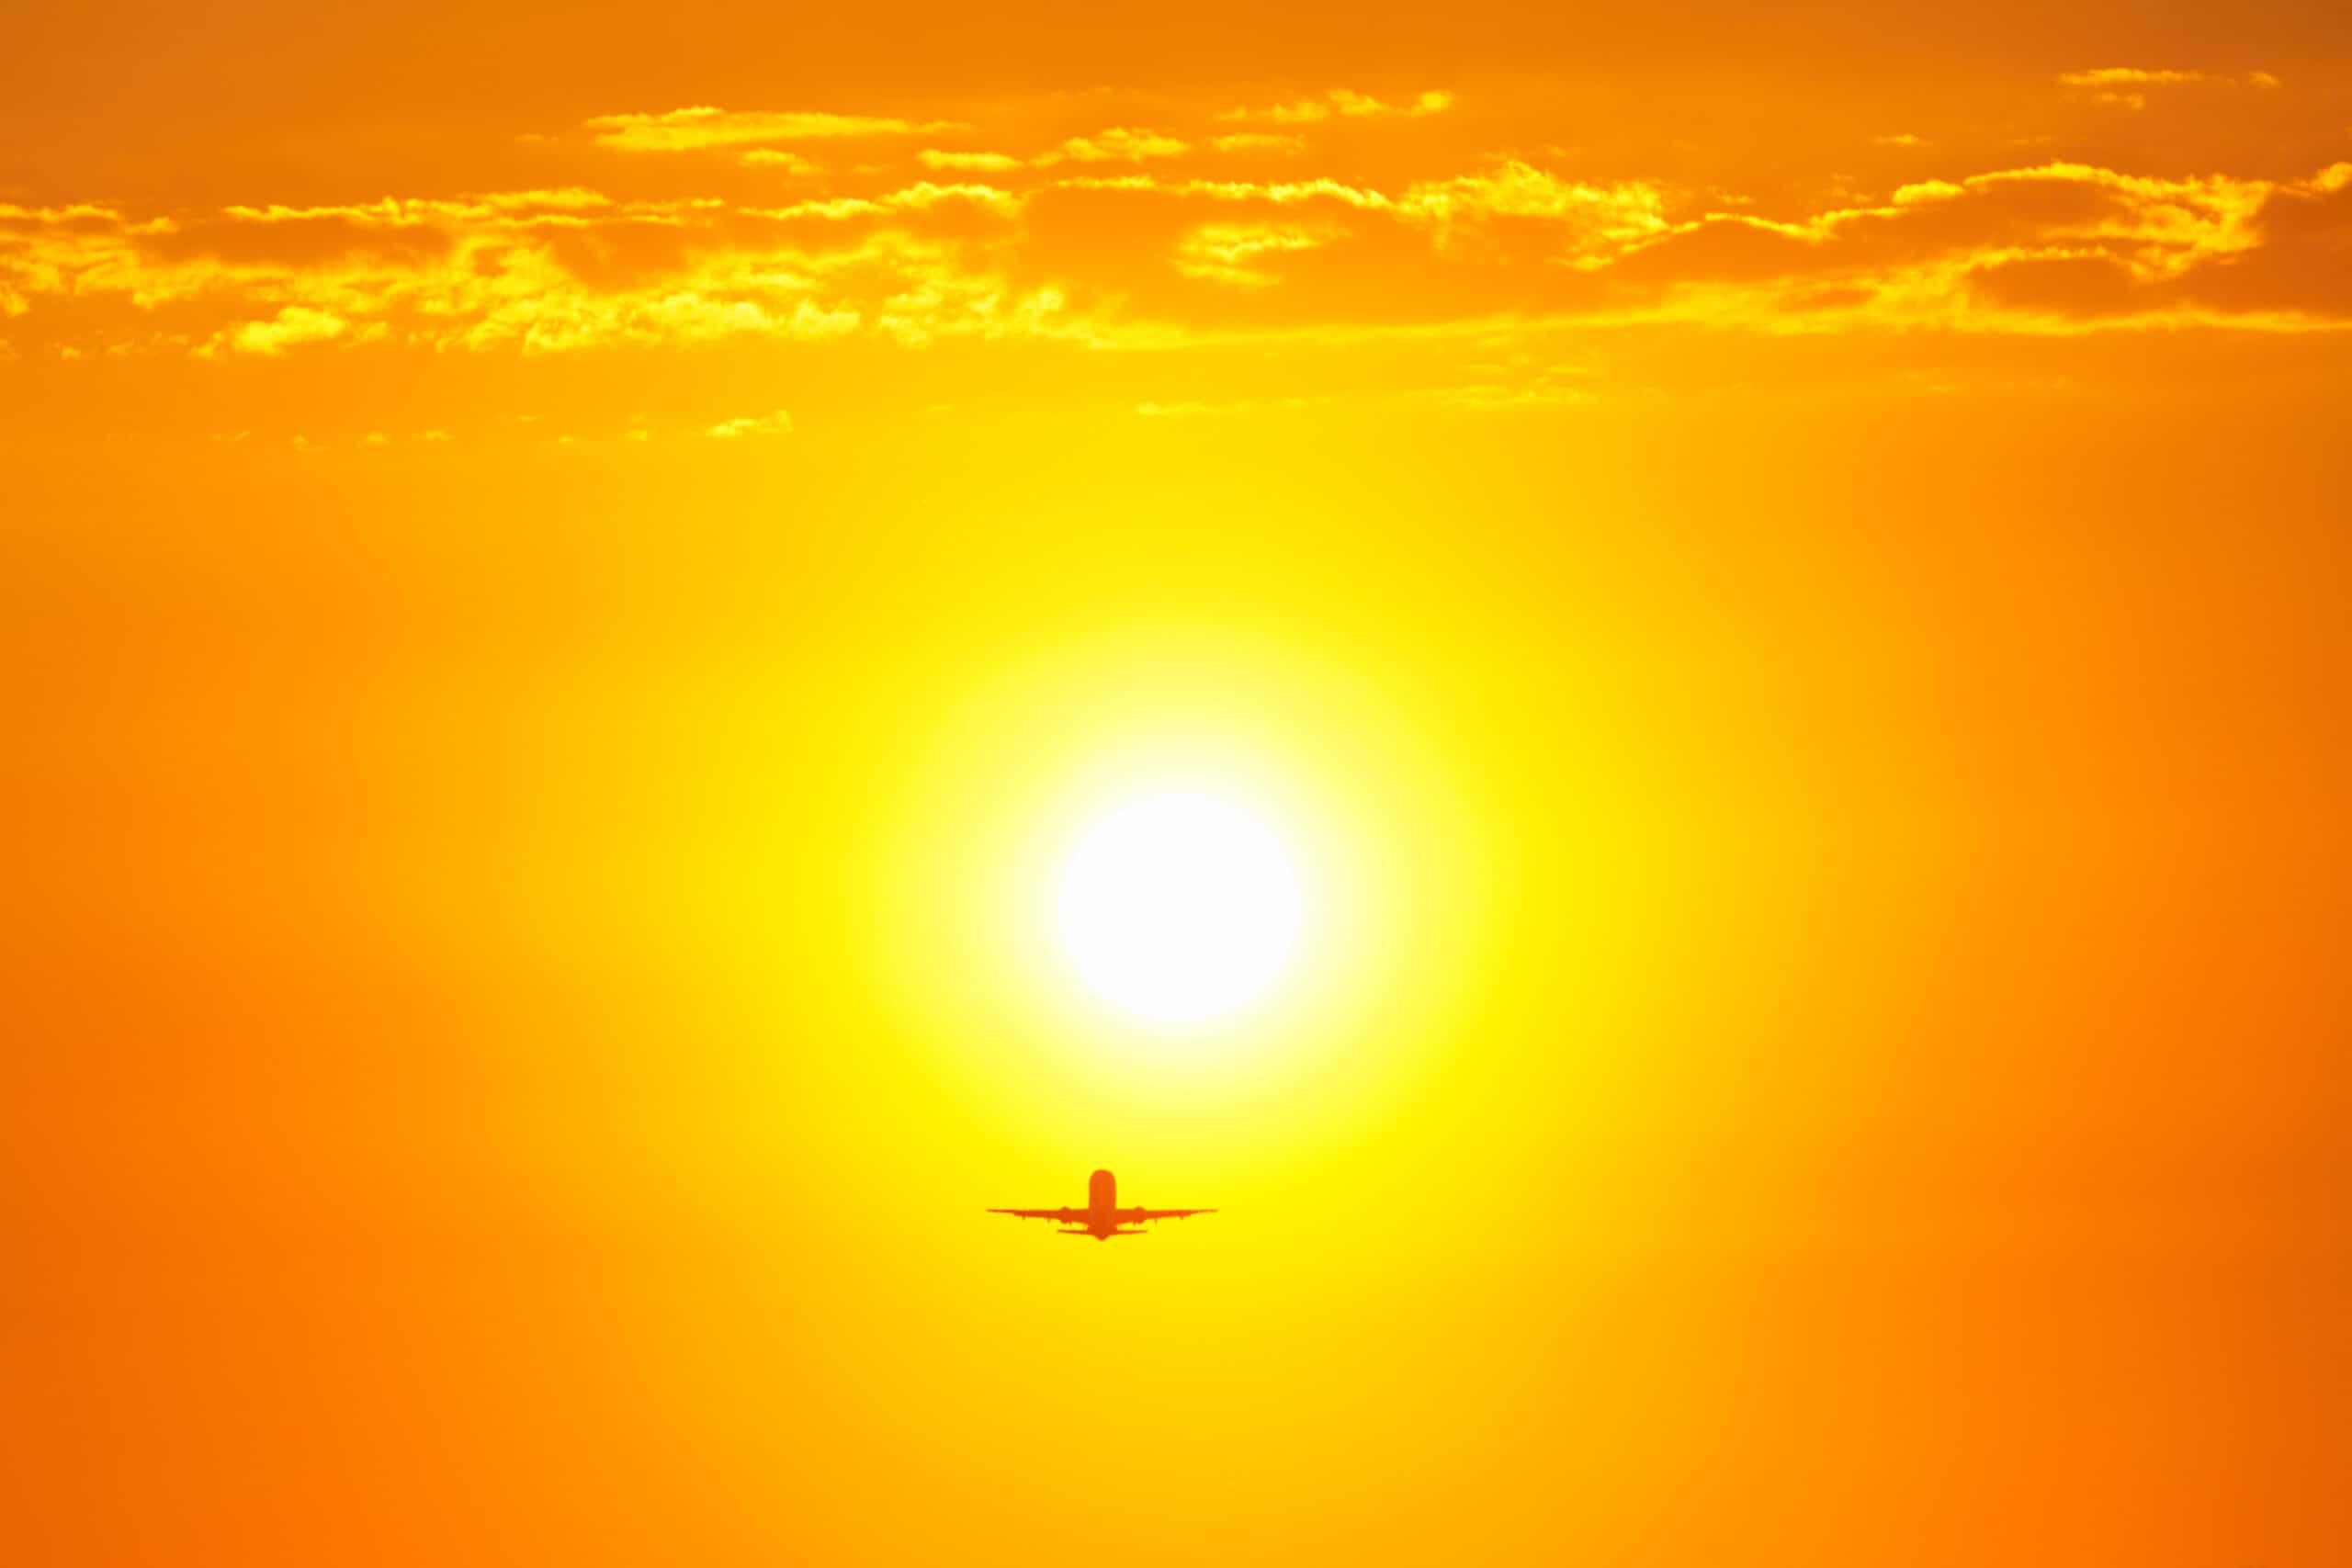 sol amarillo